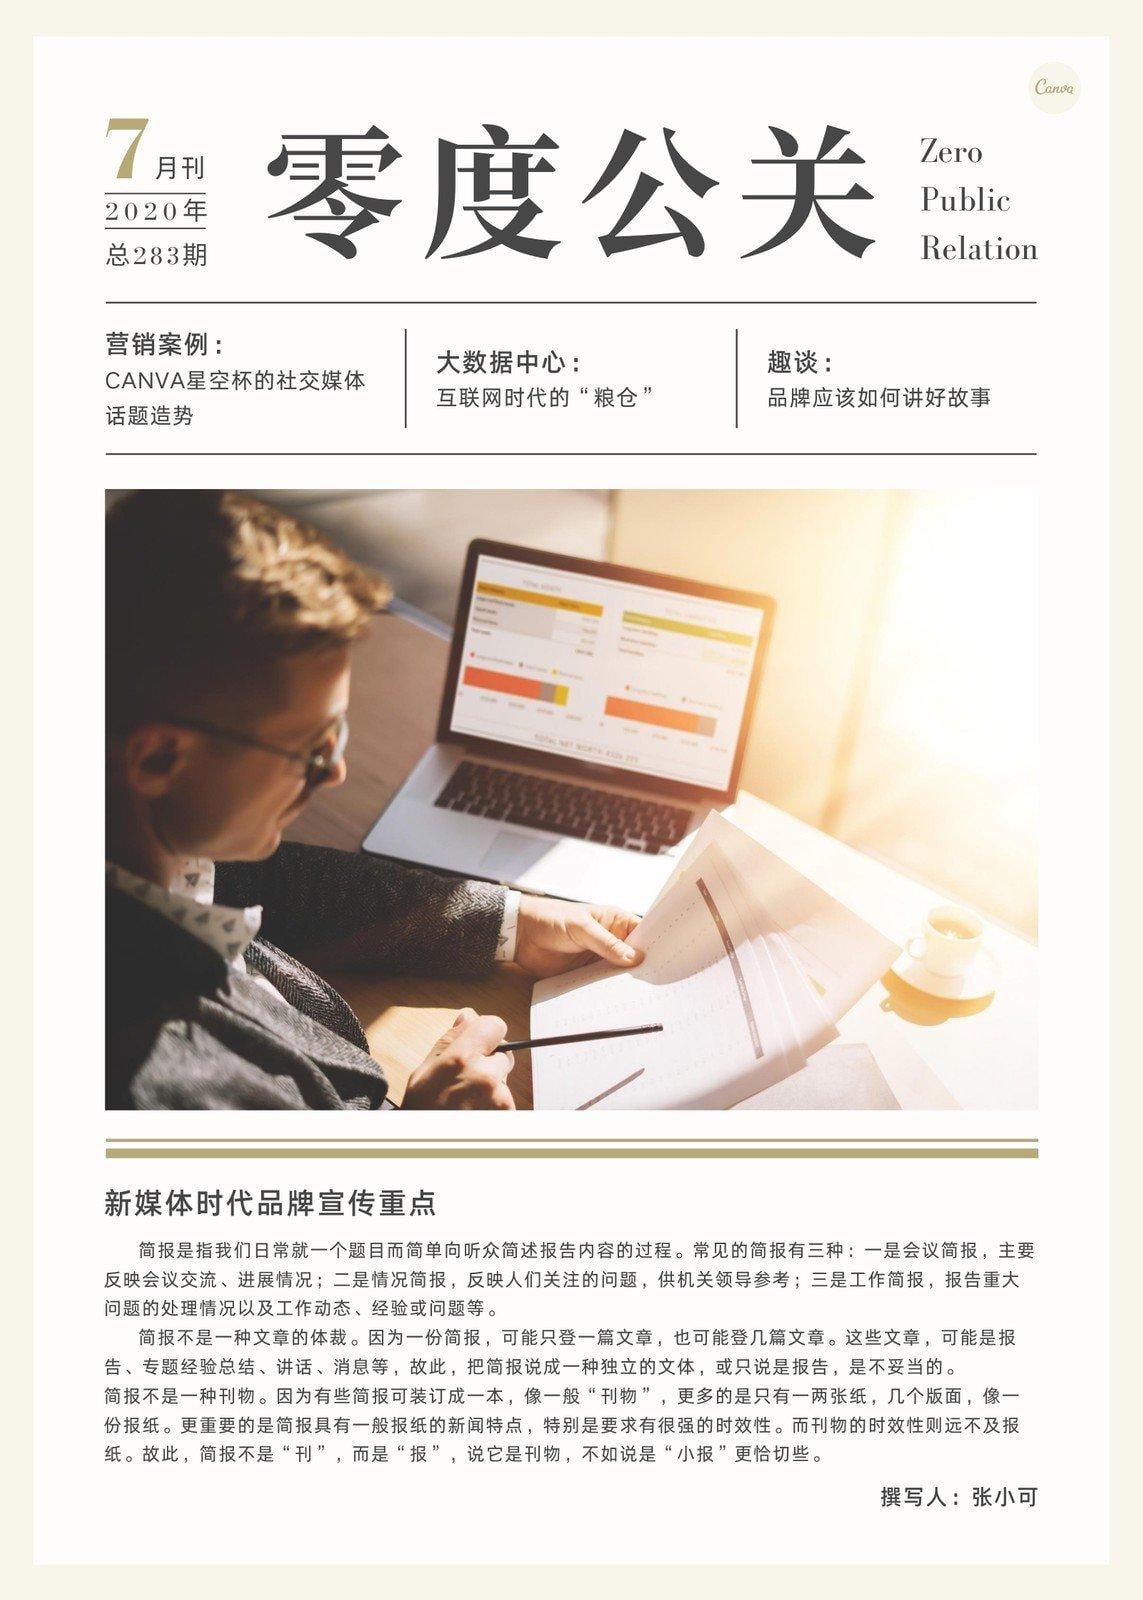 金灰色现代简约风商务公关宣传中文简报